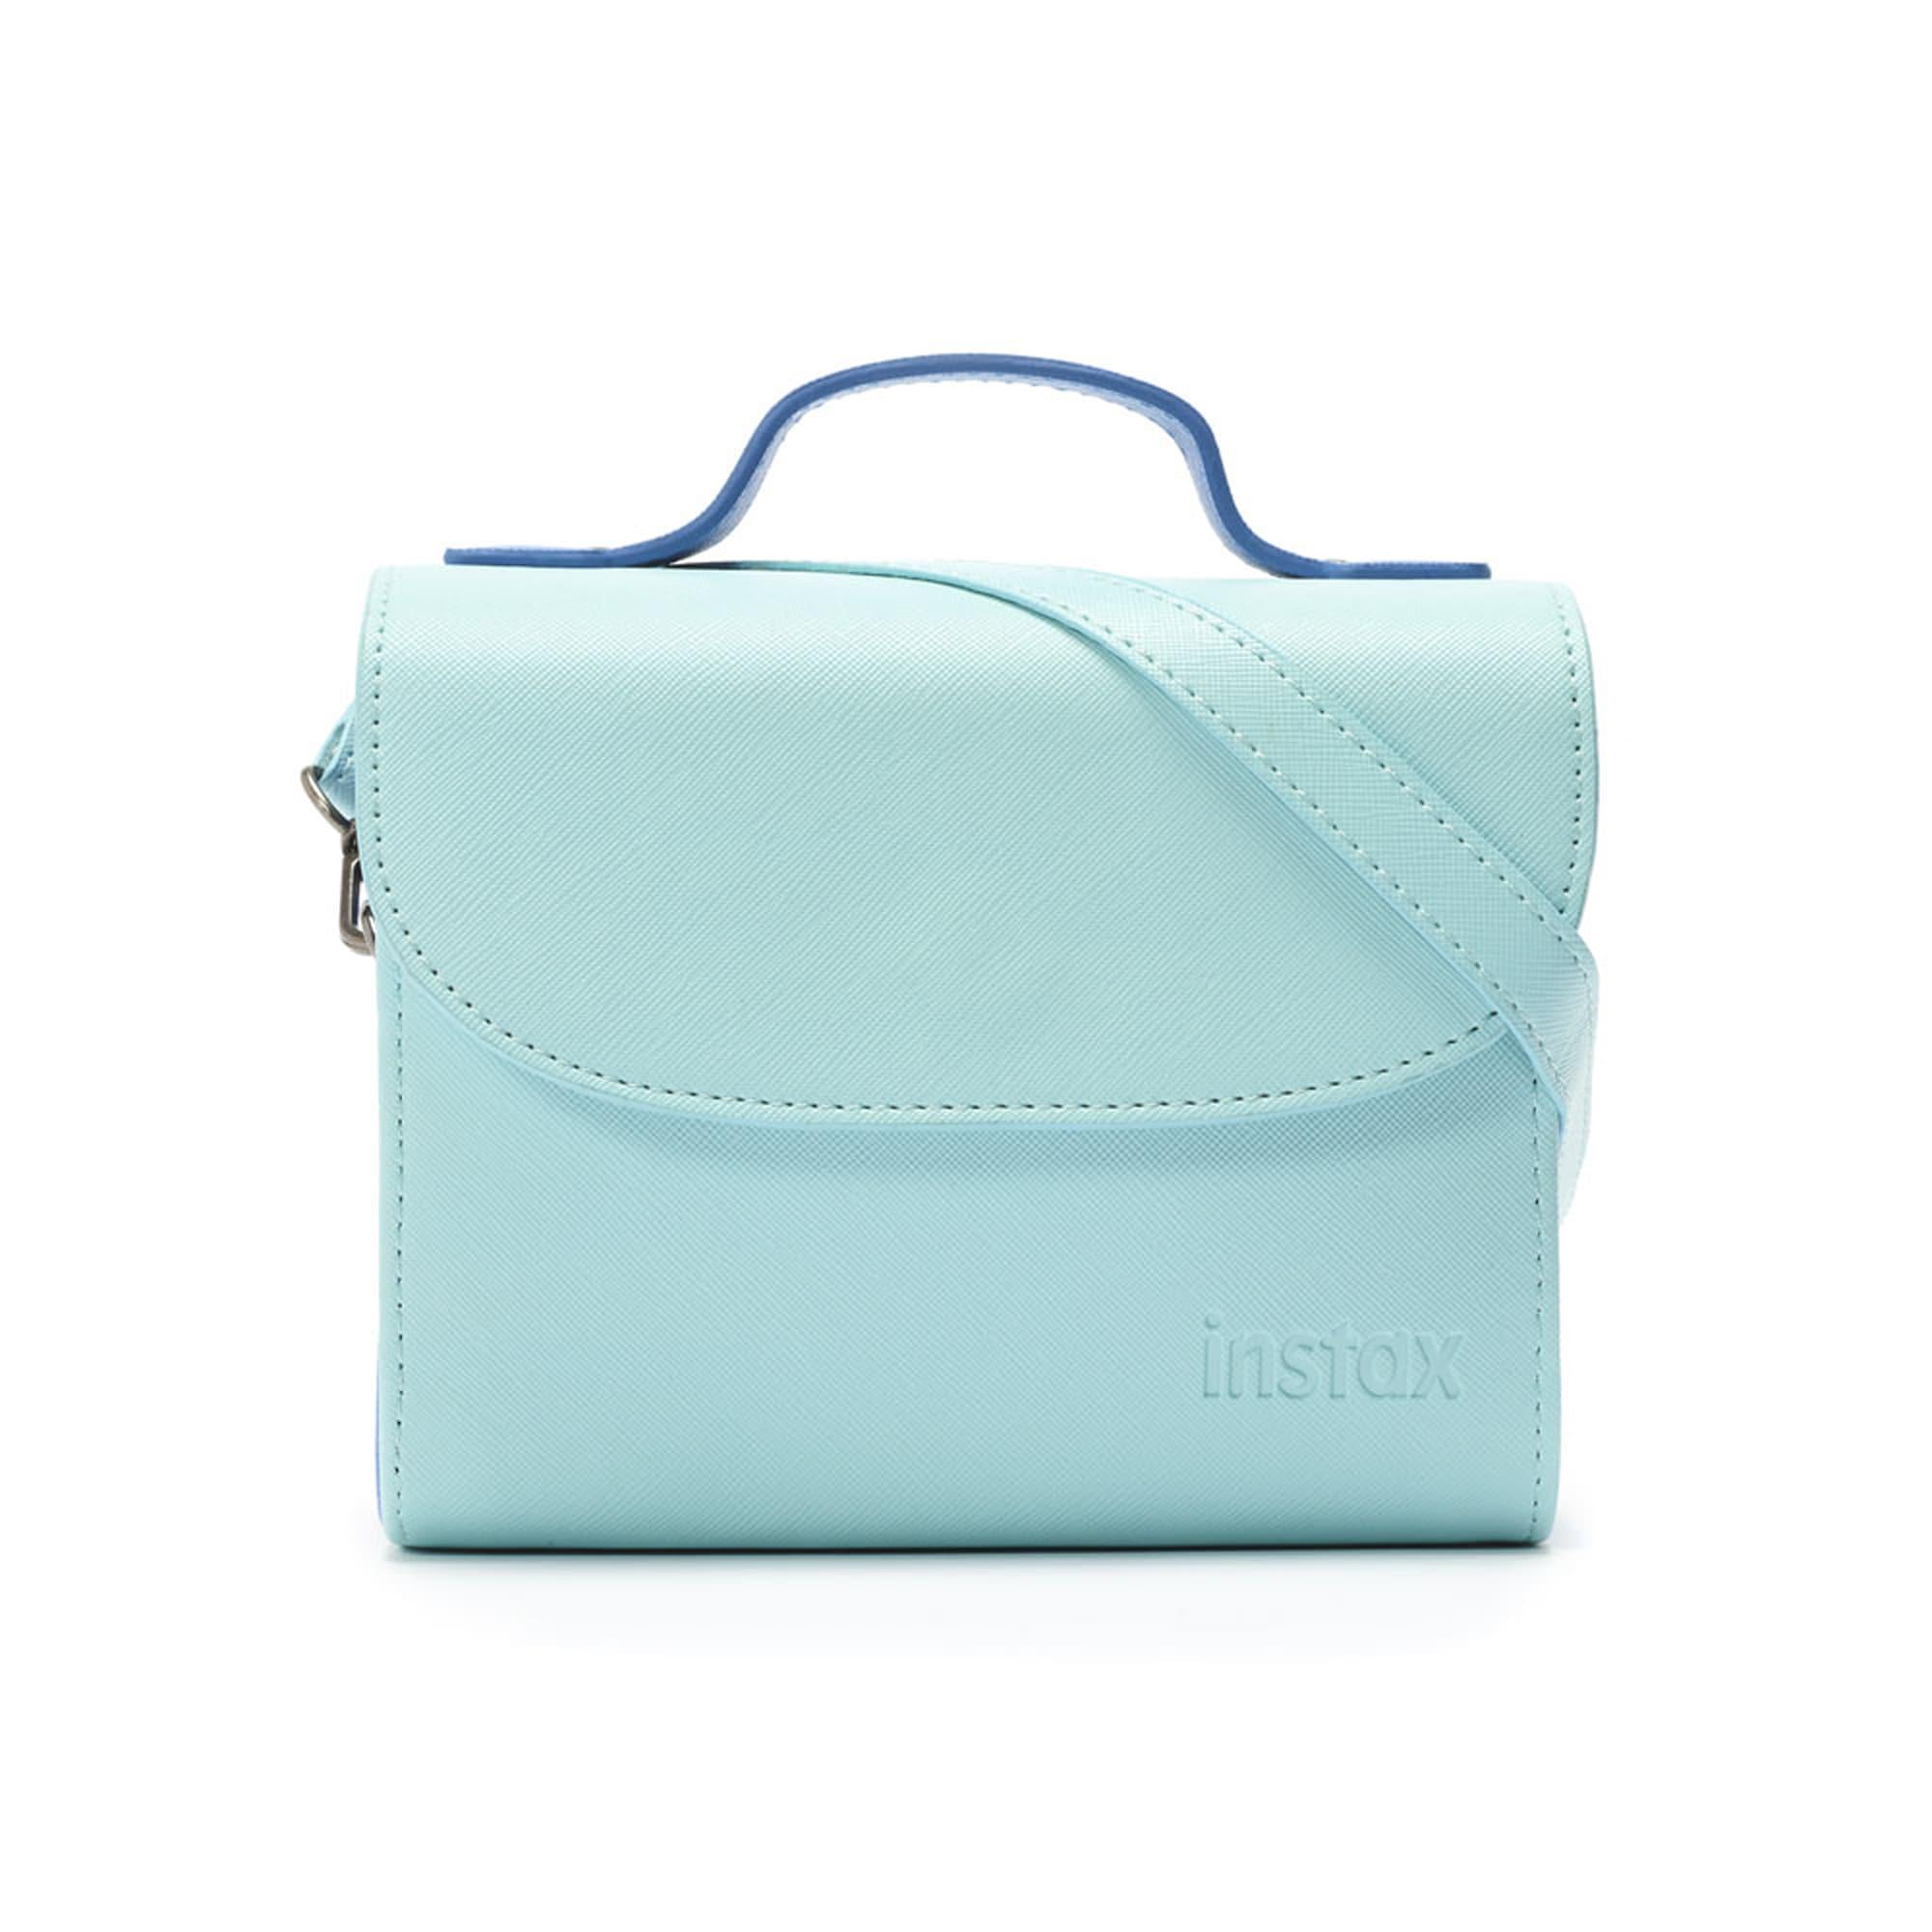 Fujifilm Instax Mini 9 Väska Ice Blue Med Handtag